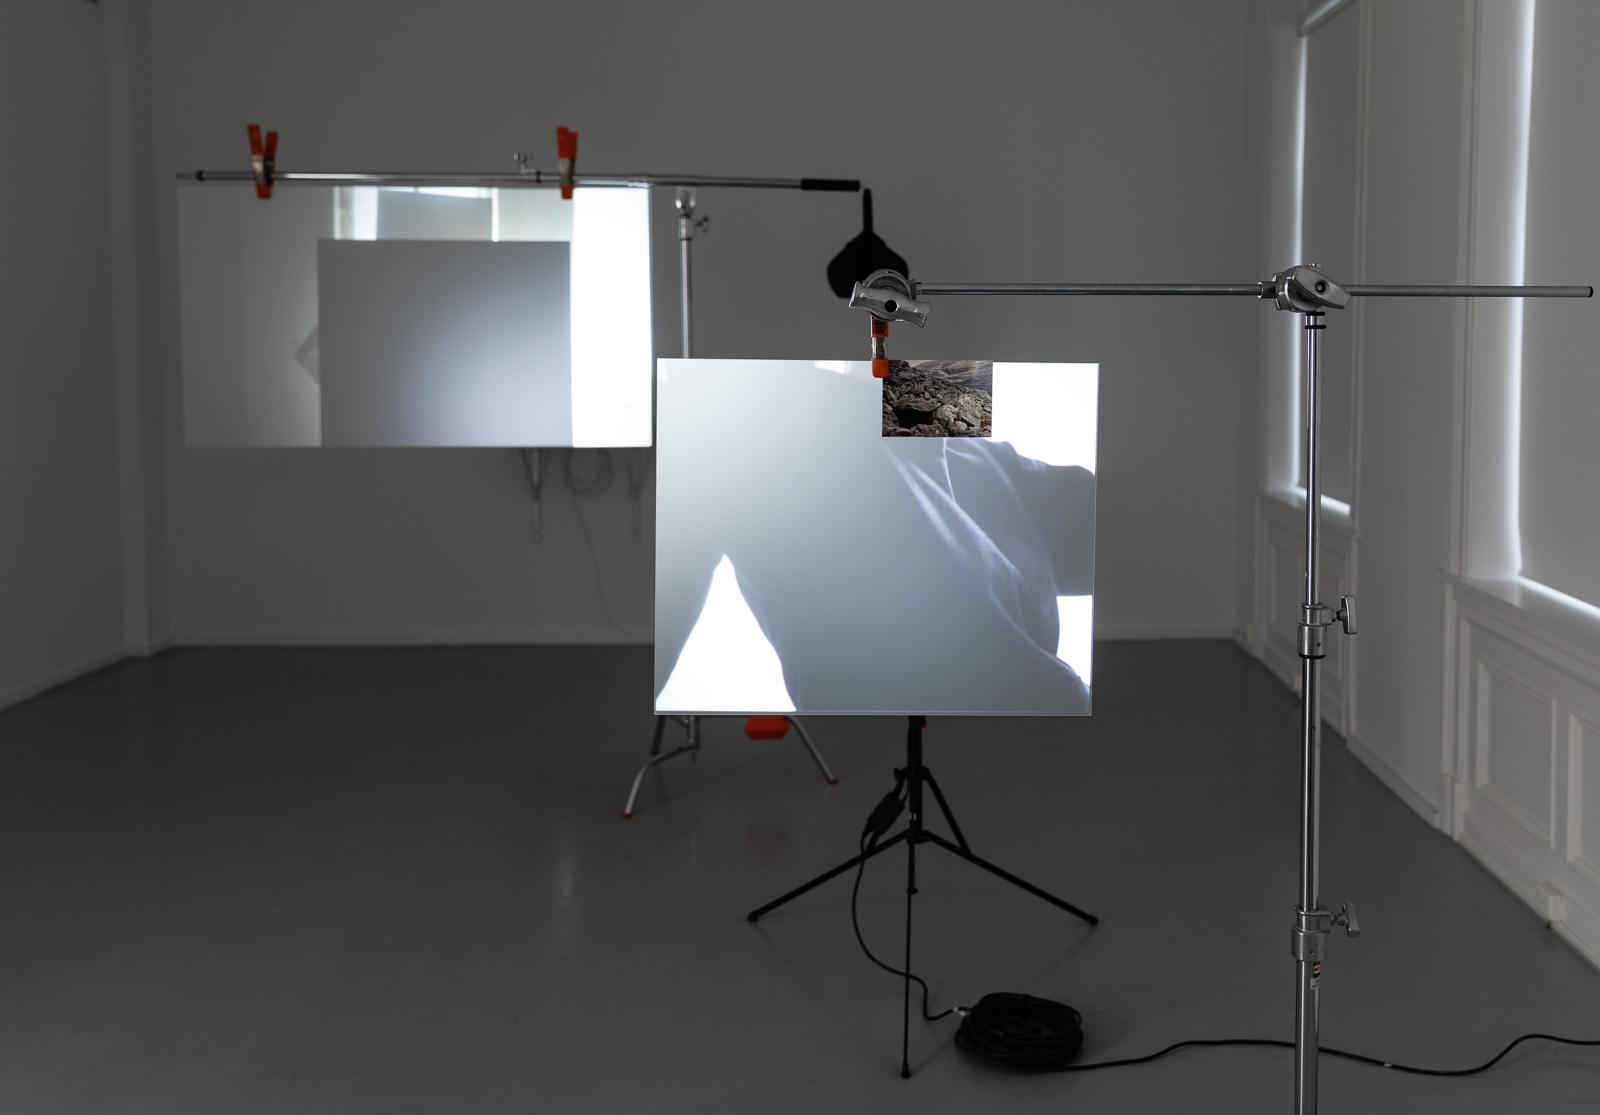 Nødvendigheten av leddsetninger, 2019. Mixed media installation, Dimensions variable, Videocamera: Marte Vold and KimSu Theiler Editing: Silje Linge Haaland